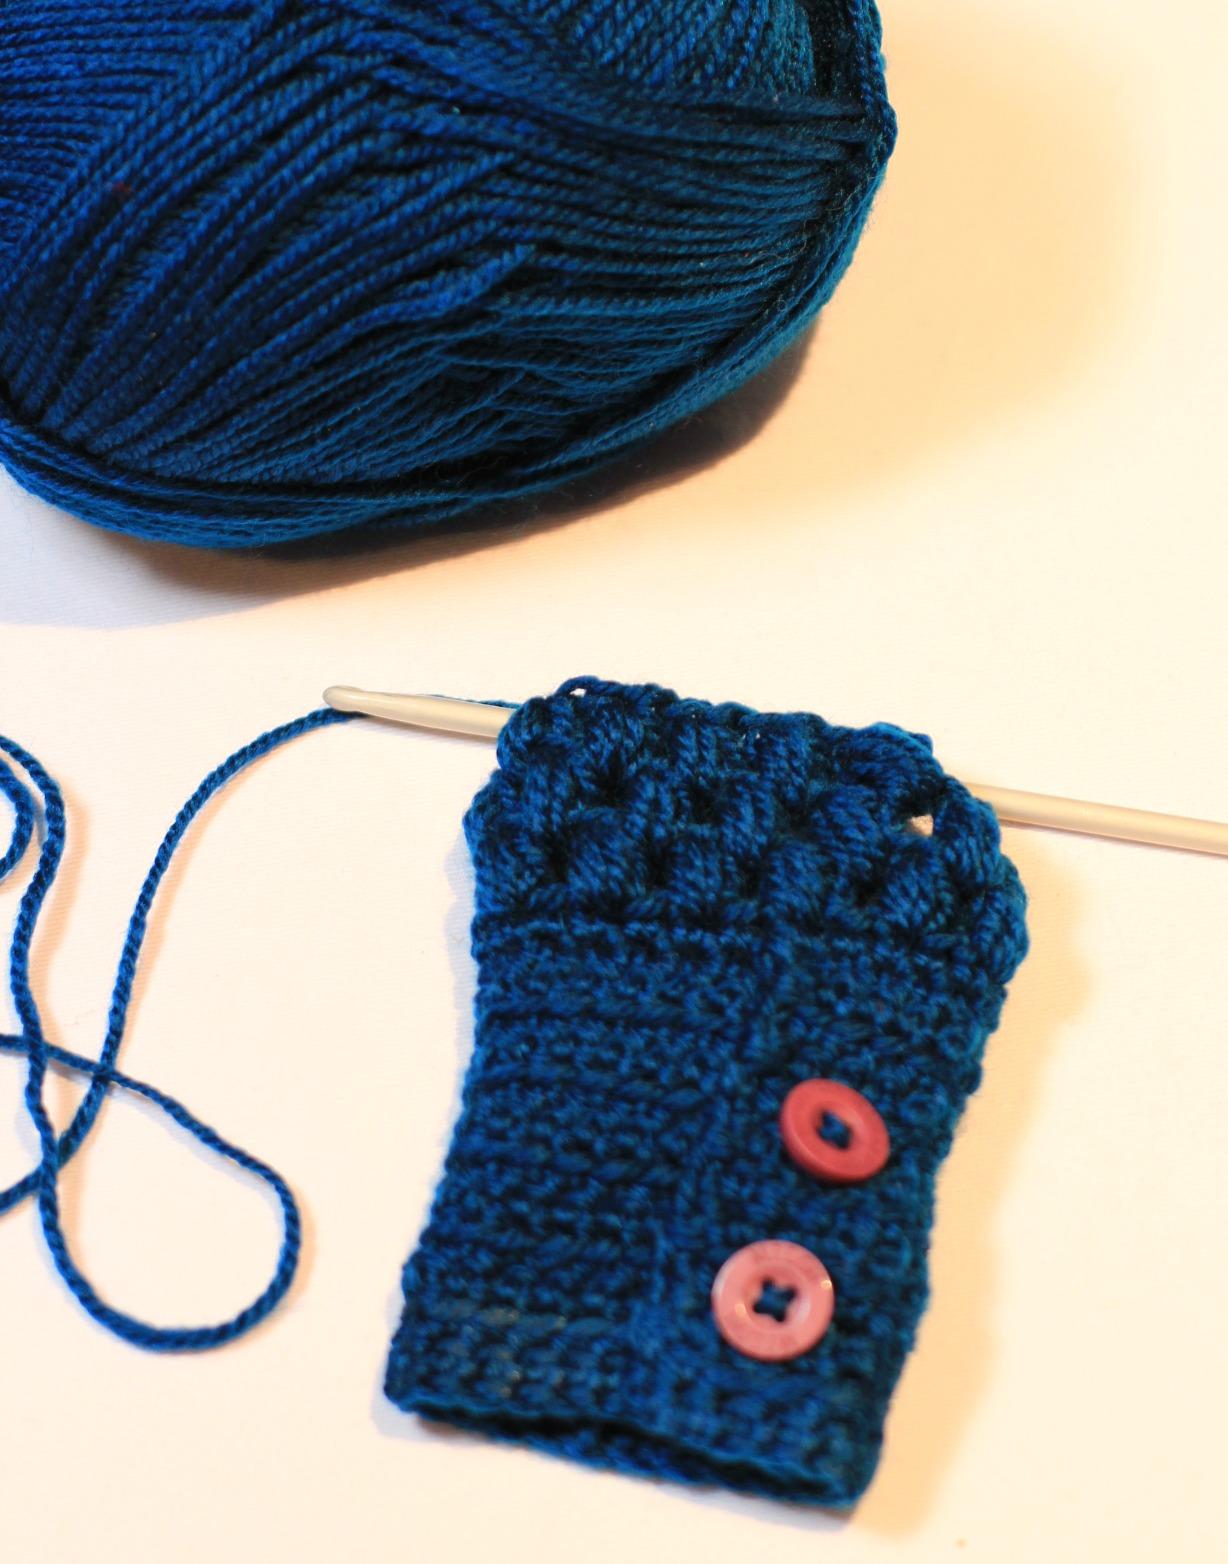 Fingerless gloves crochet pattern for beginners - Row